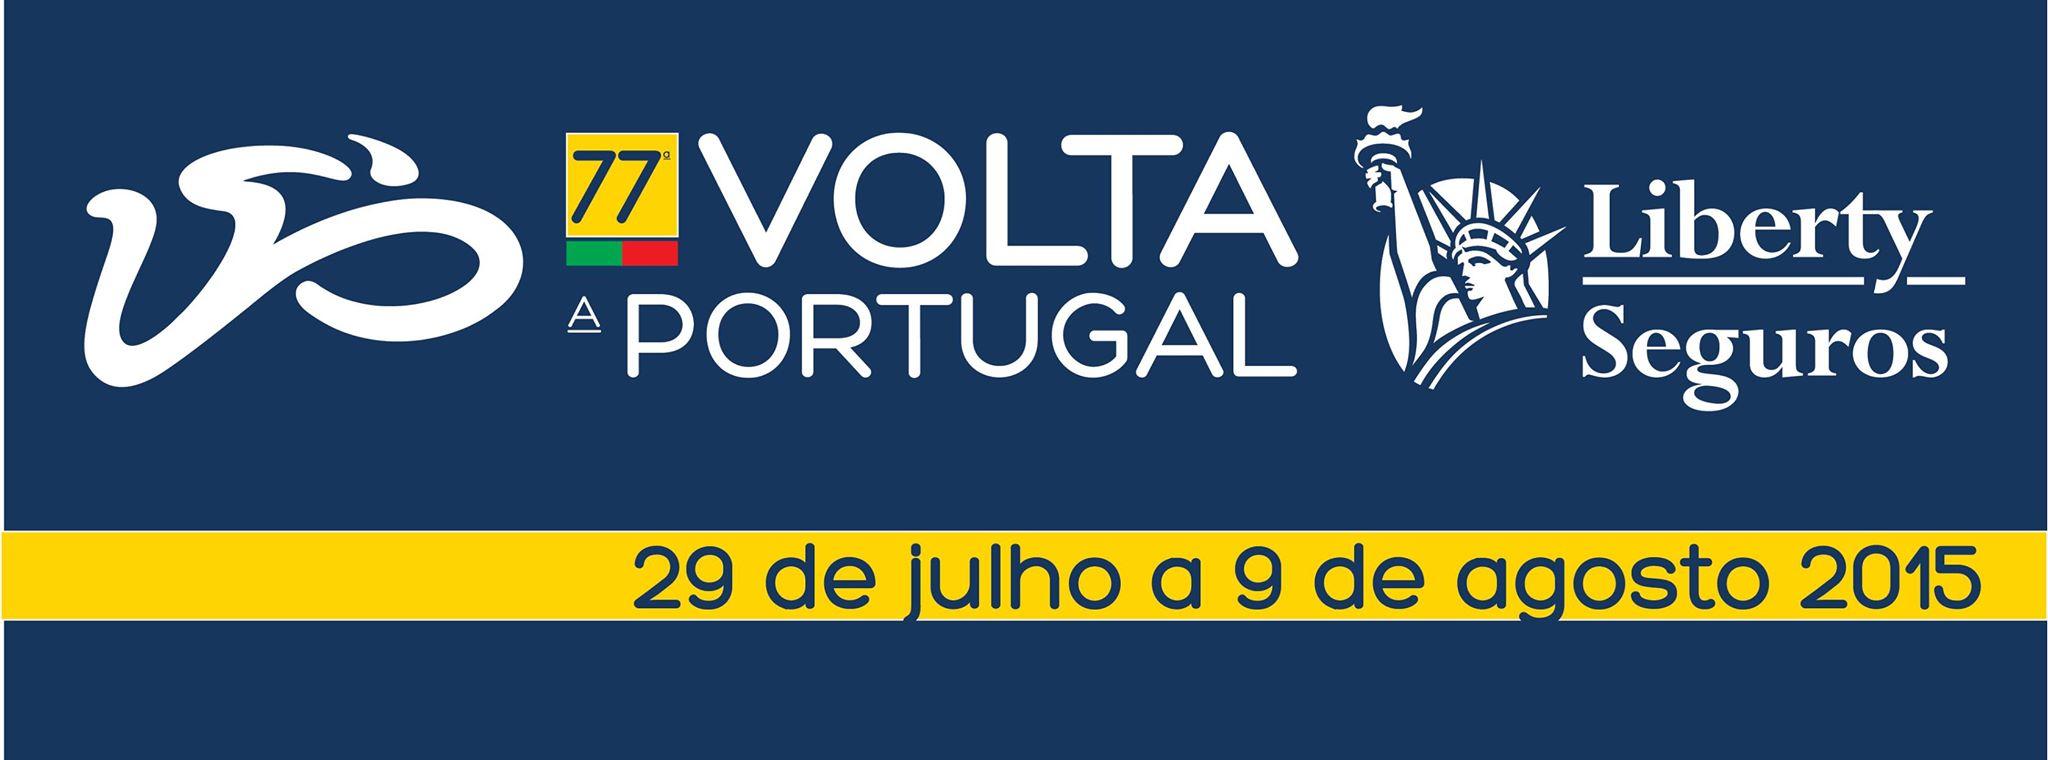 77ª Volta Portugal Liberty Seguros